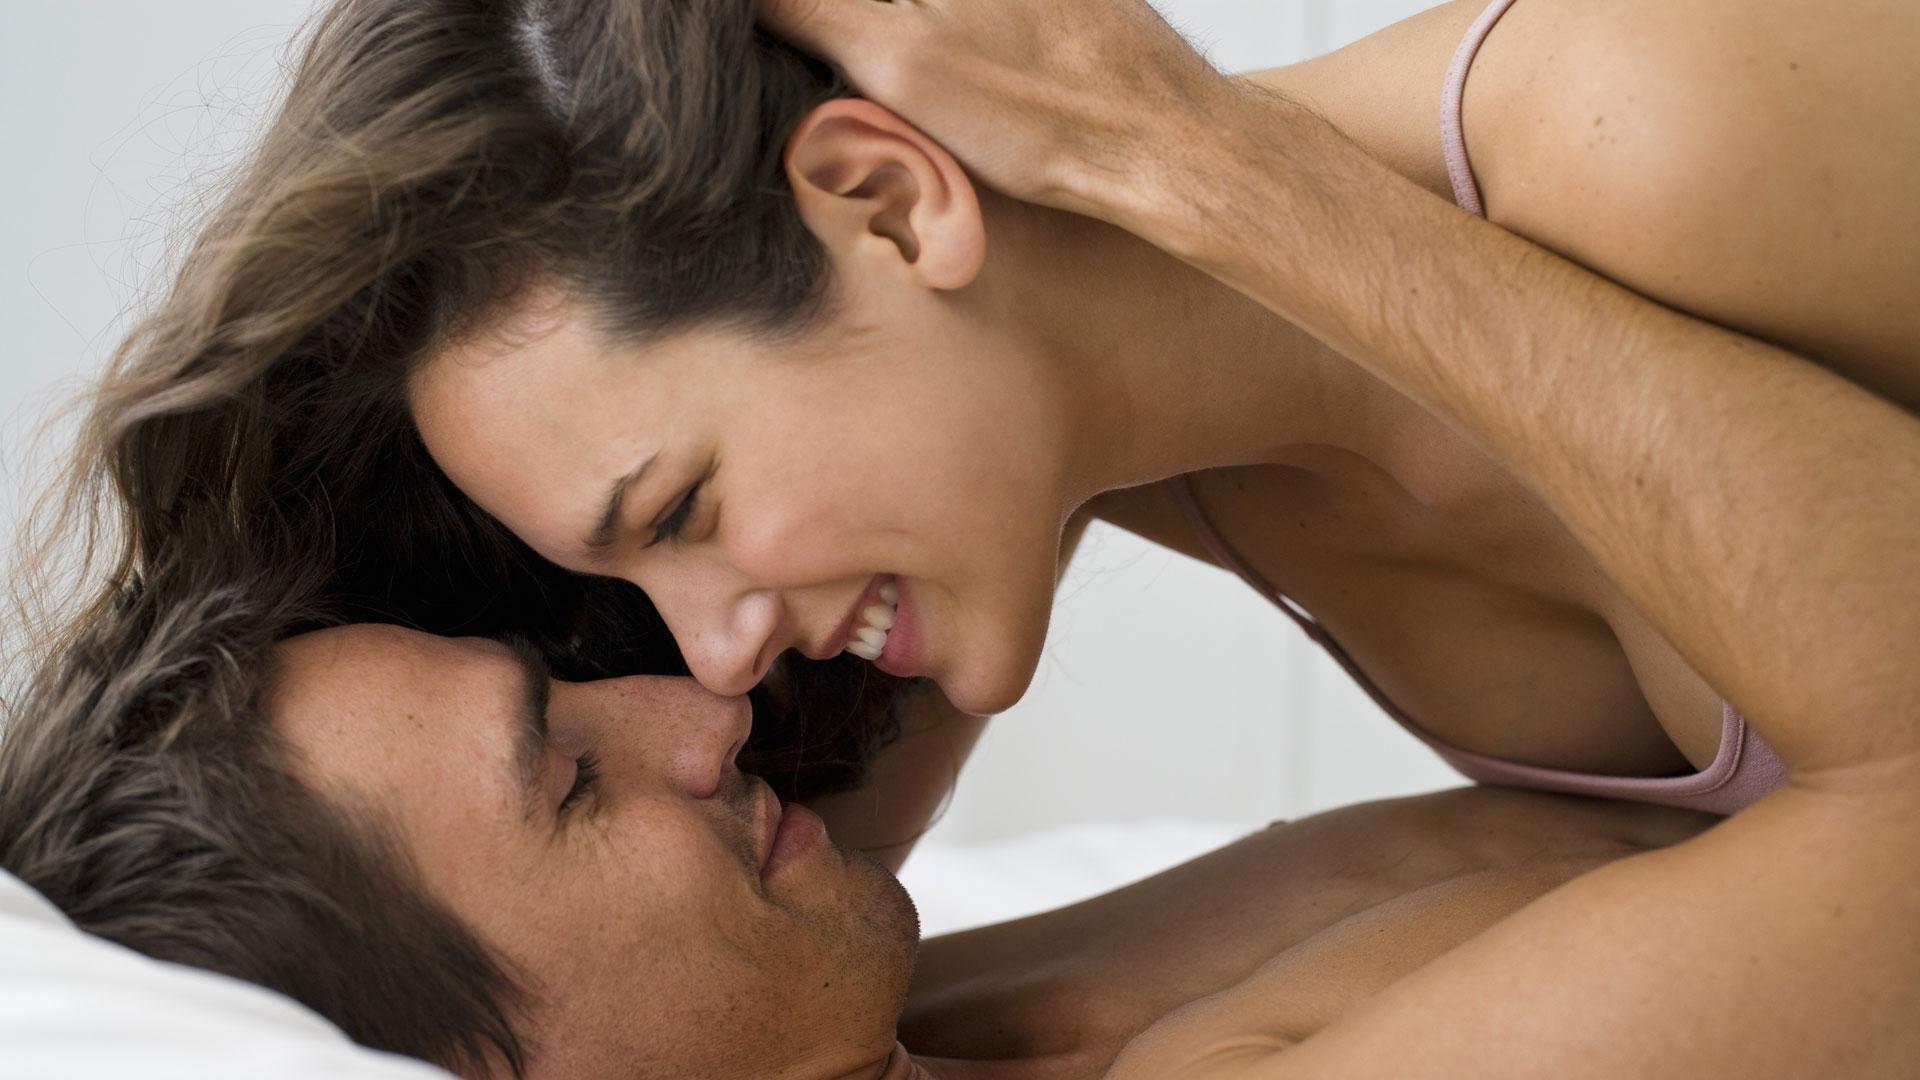 kakoy-pozo-horosh-dlya-seks-klipi-video-pro-seks-zaglyanul-k-ney-v-okno